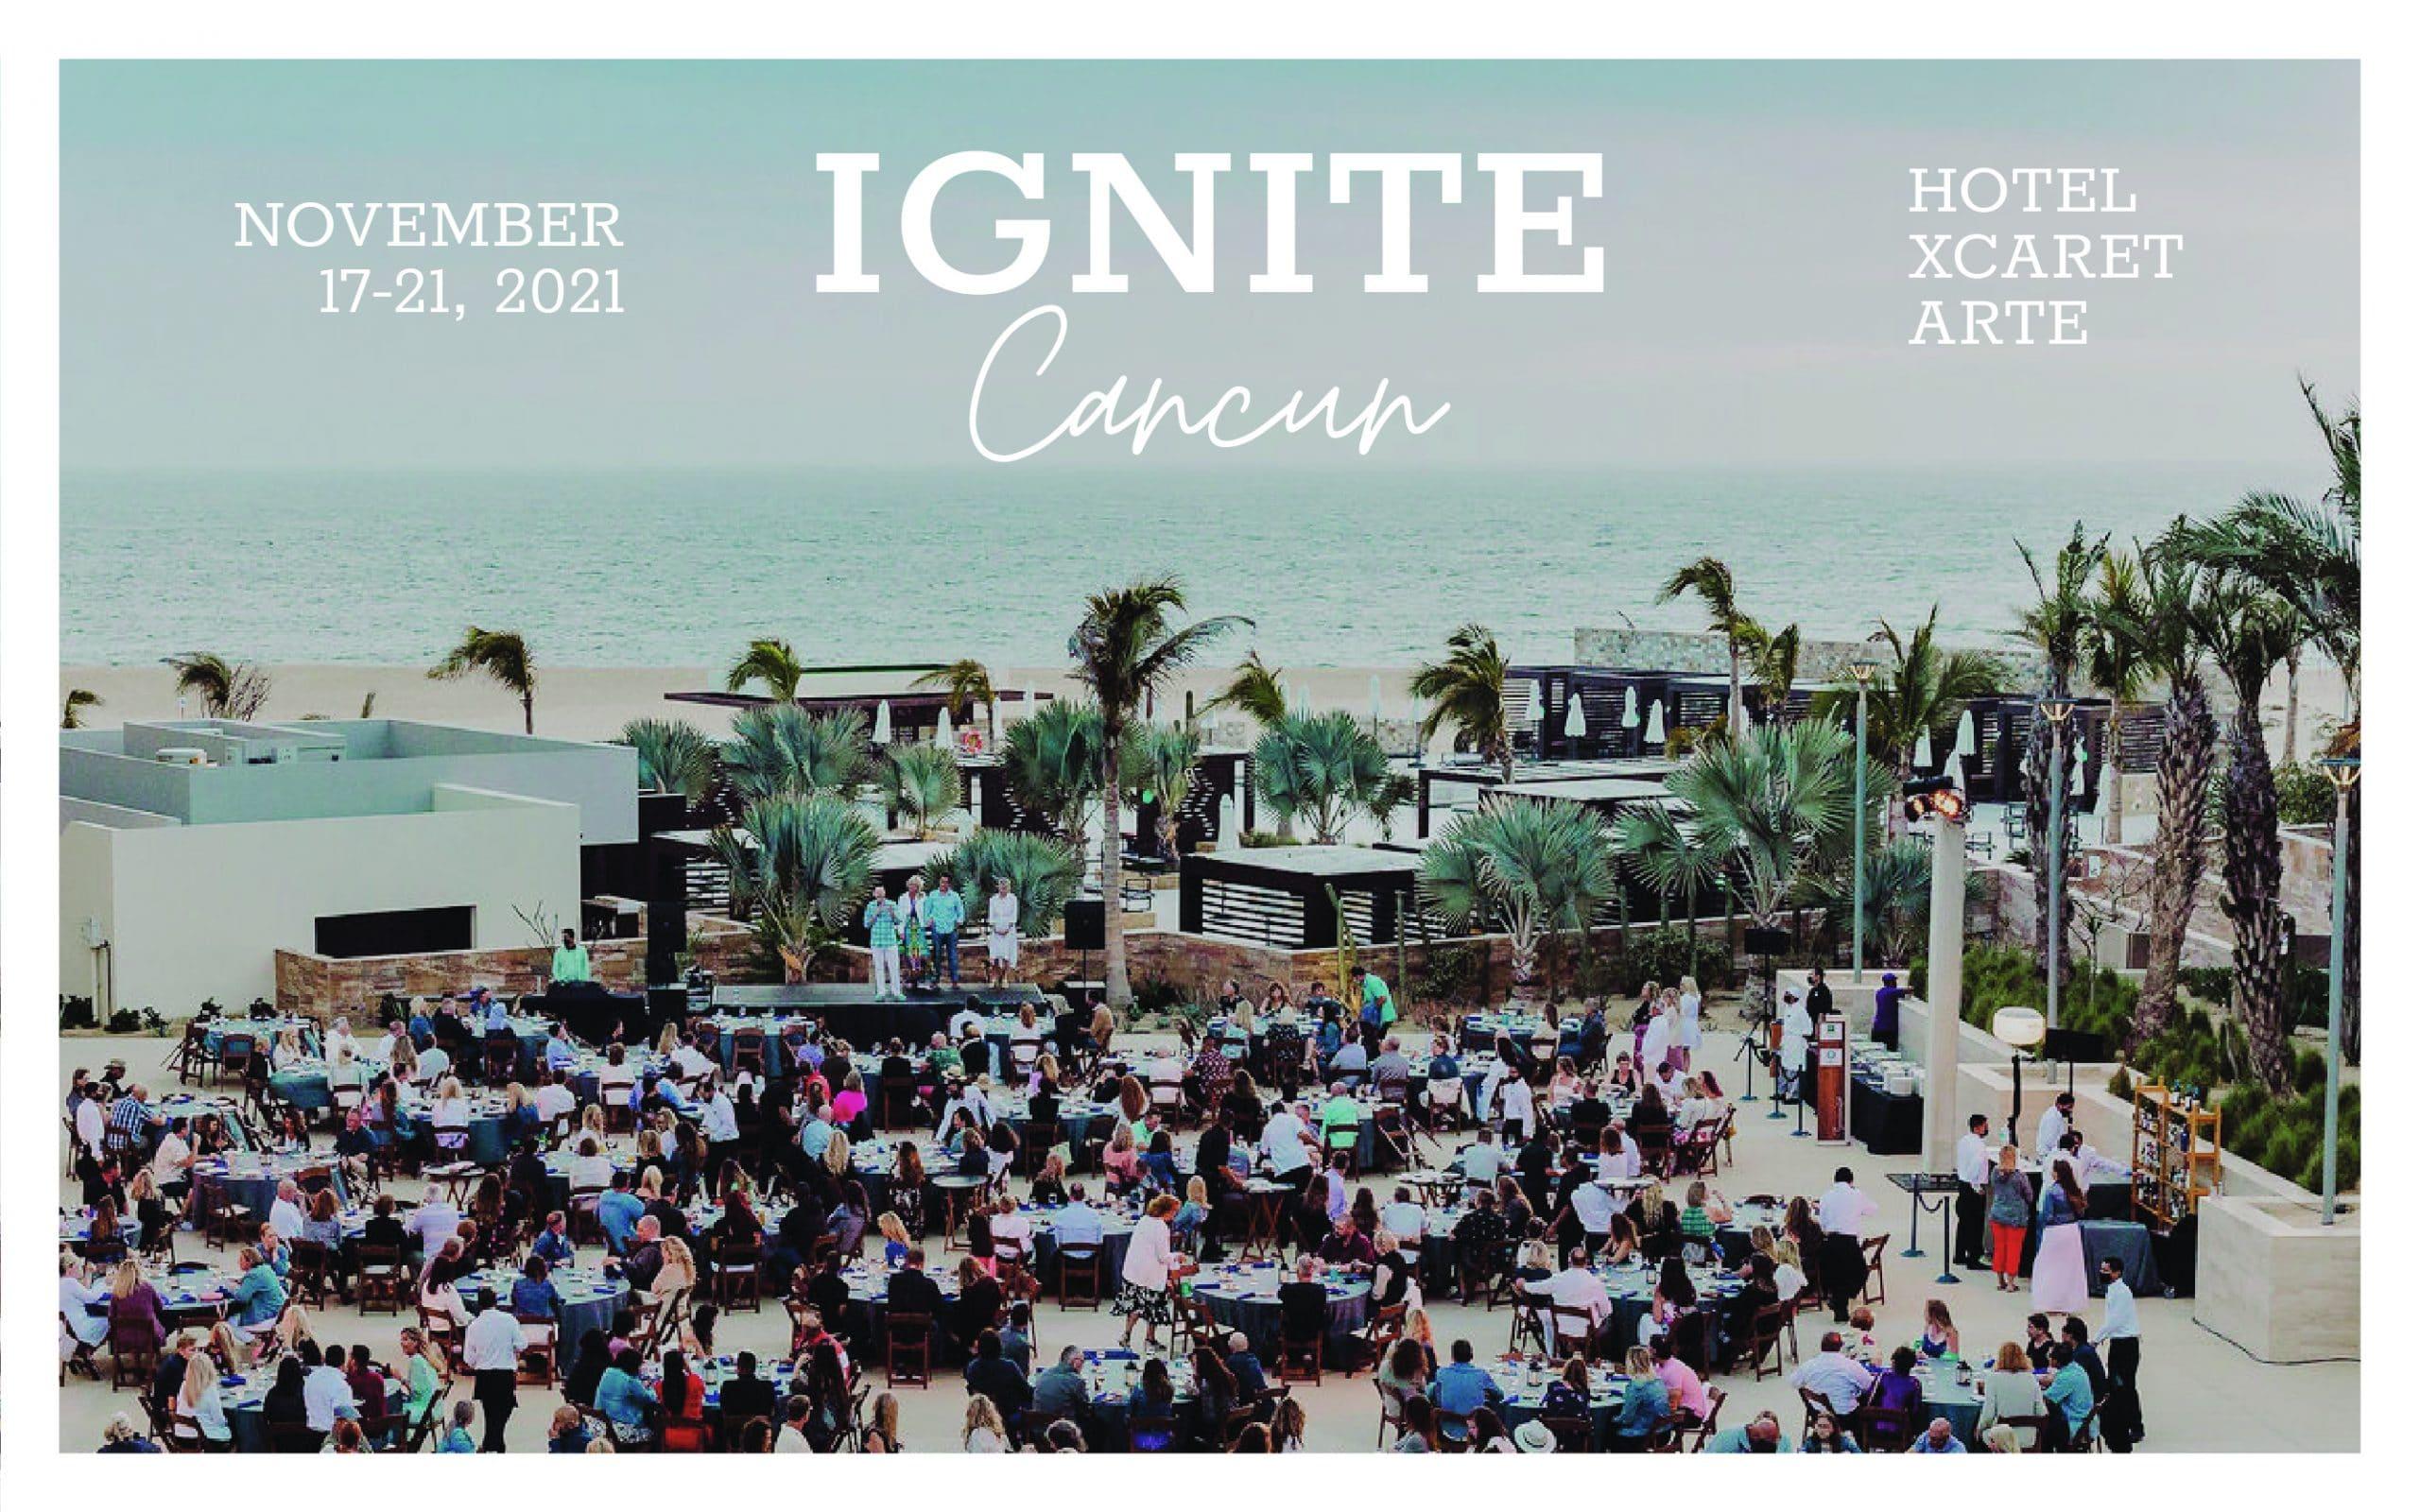 Ignite Cancun Nov 2021